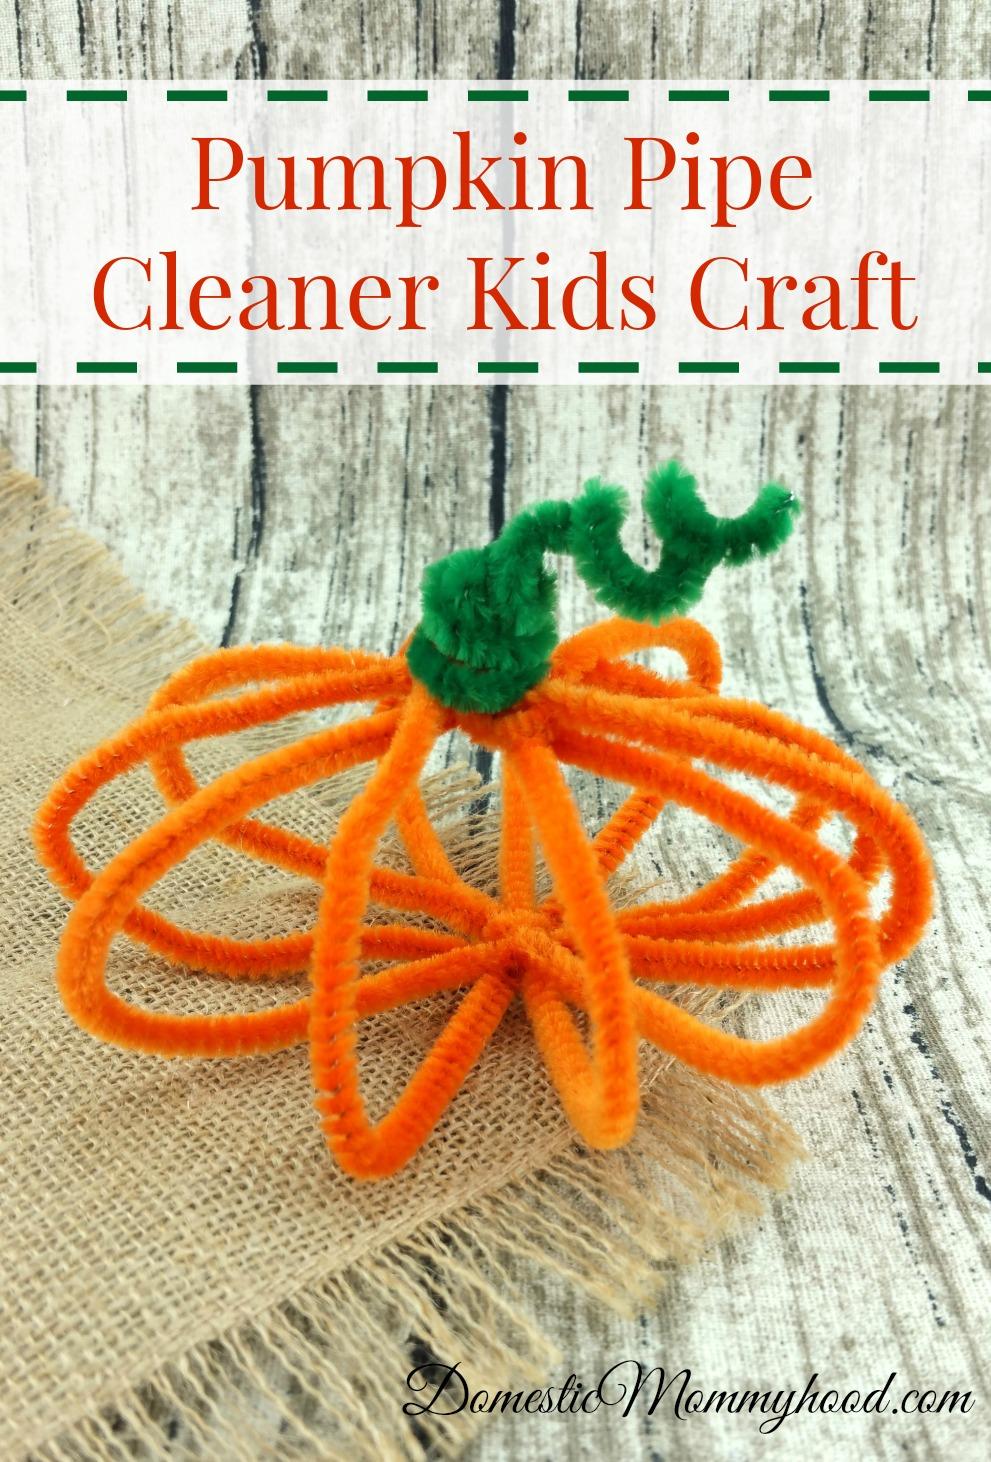 pumpkin-pipe-cleaner-kids-craft-activity